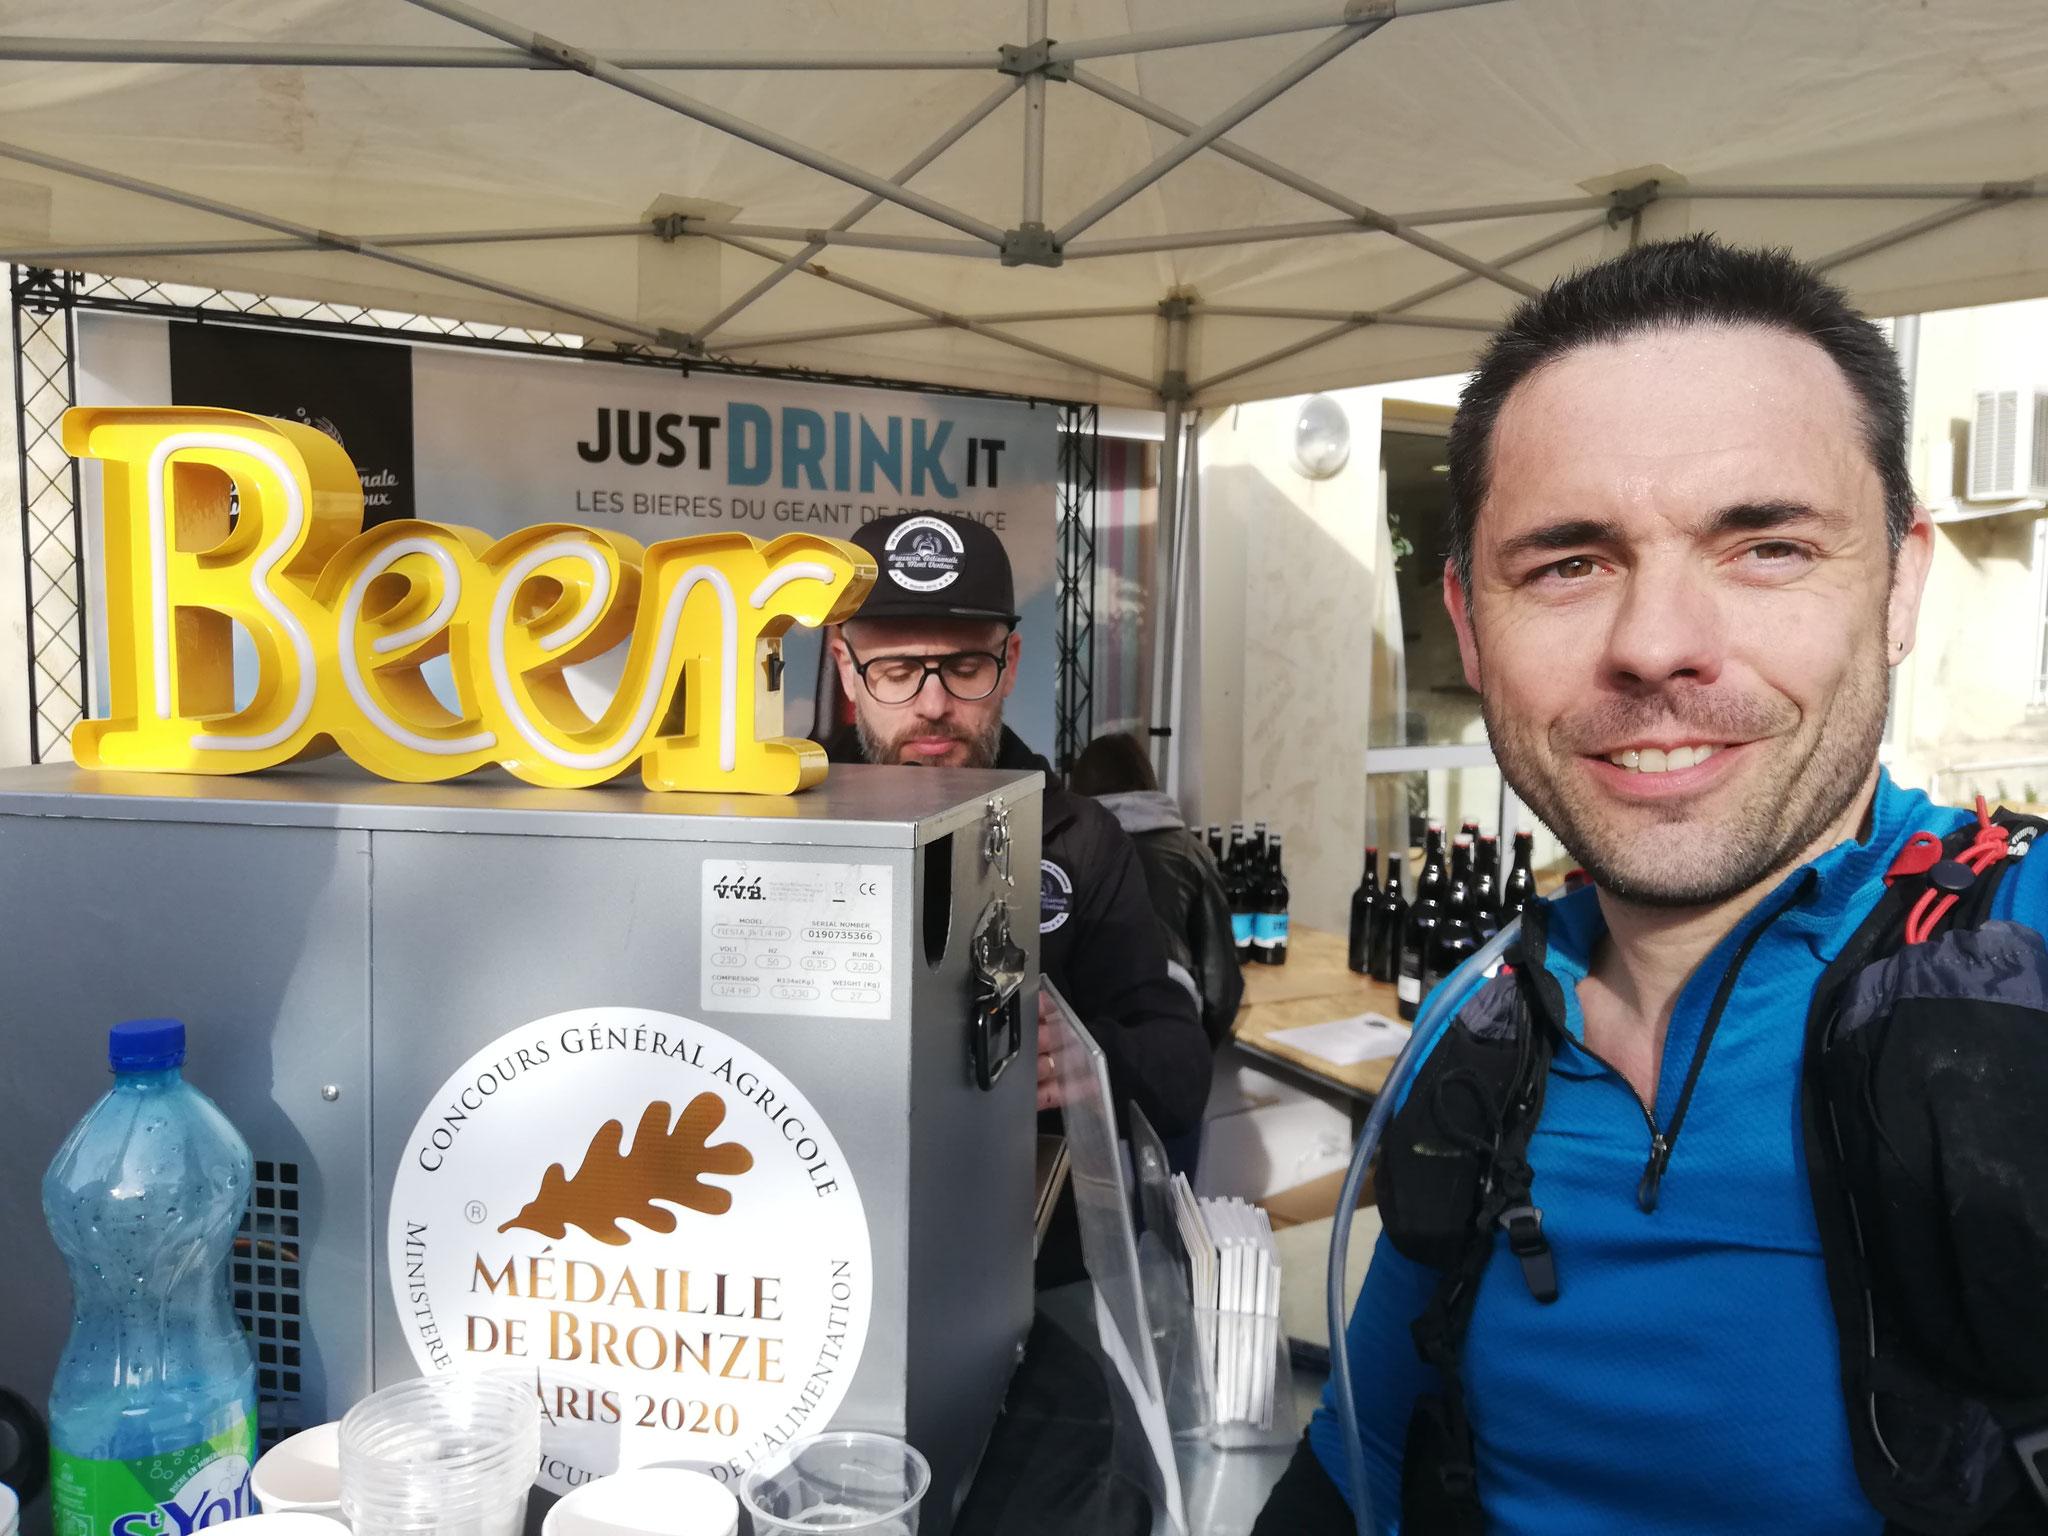 25-Christophe (Tacnet) en a fini aussi et attaque la bière